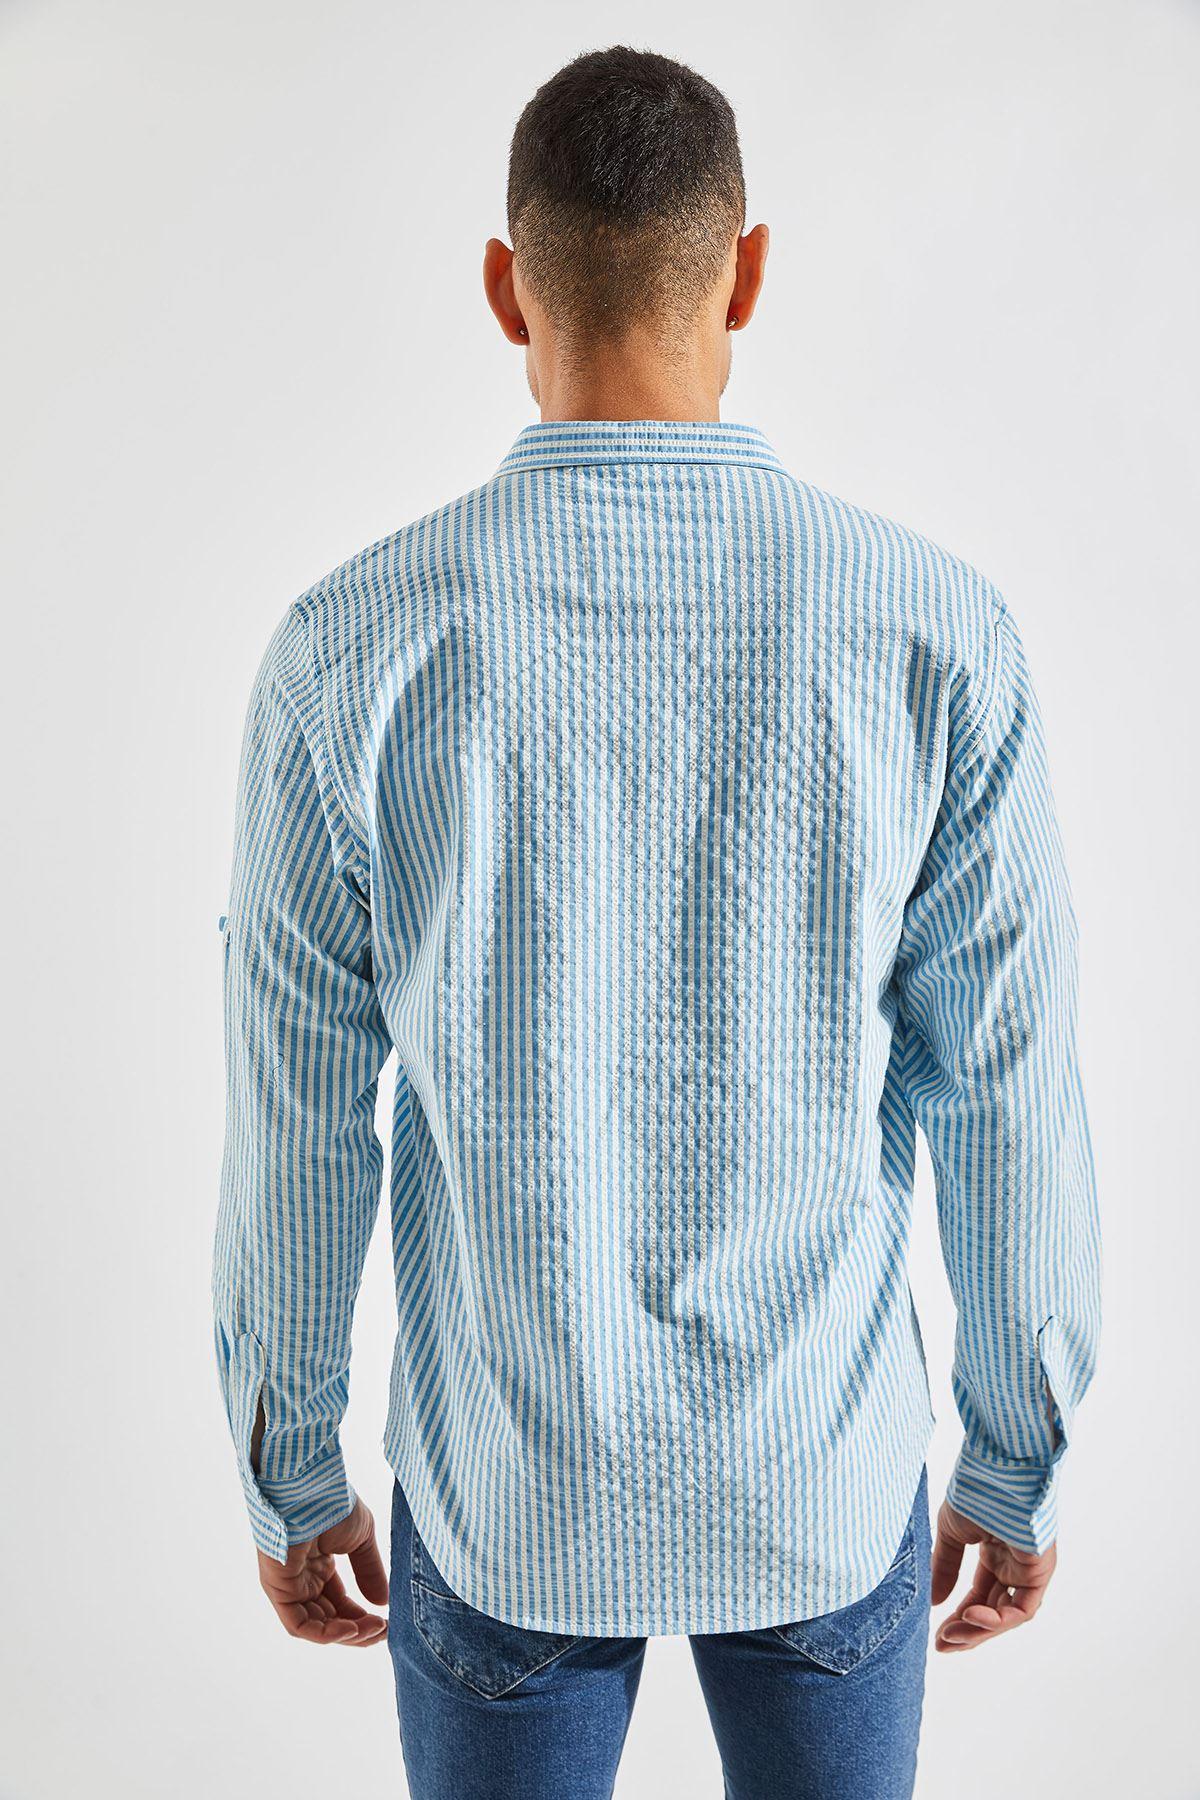 Erkek Kol Apoletli Mavi Gömlek